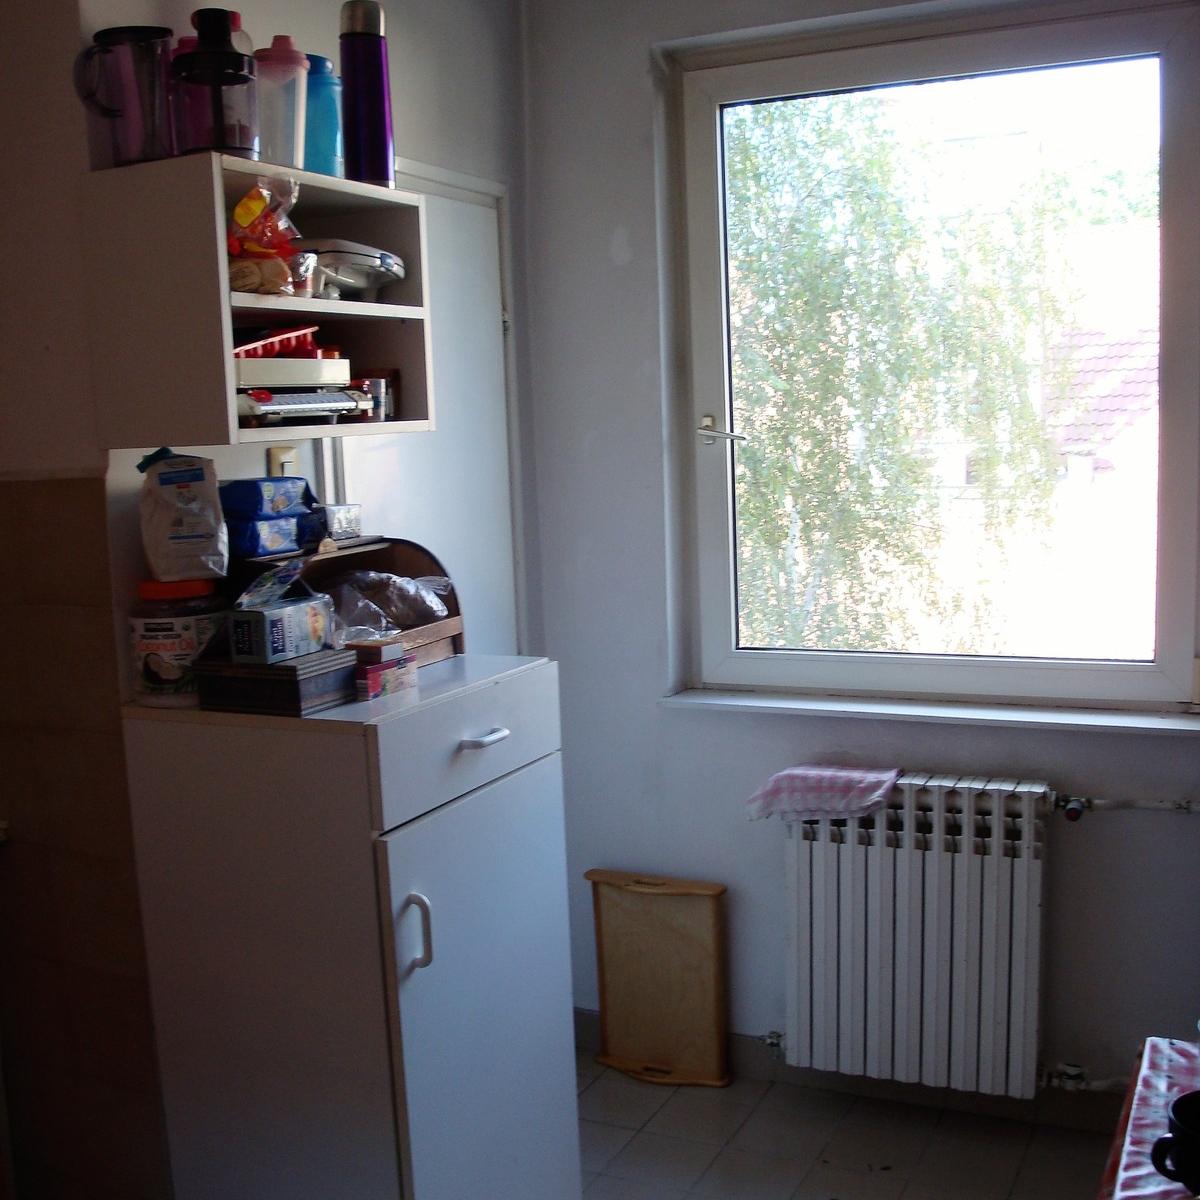 Eladó  téglalakás (Budapest, XIII. kerületBudapest, XIII. kerület, Hajdú u.) 0  Ft